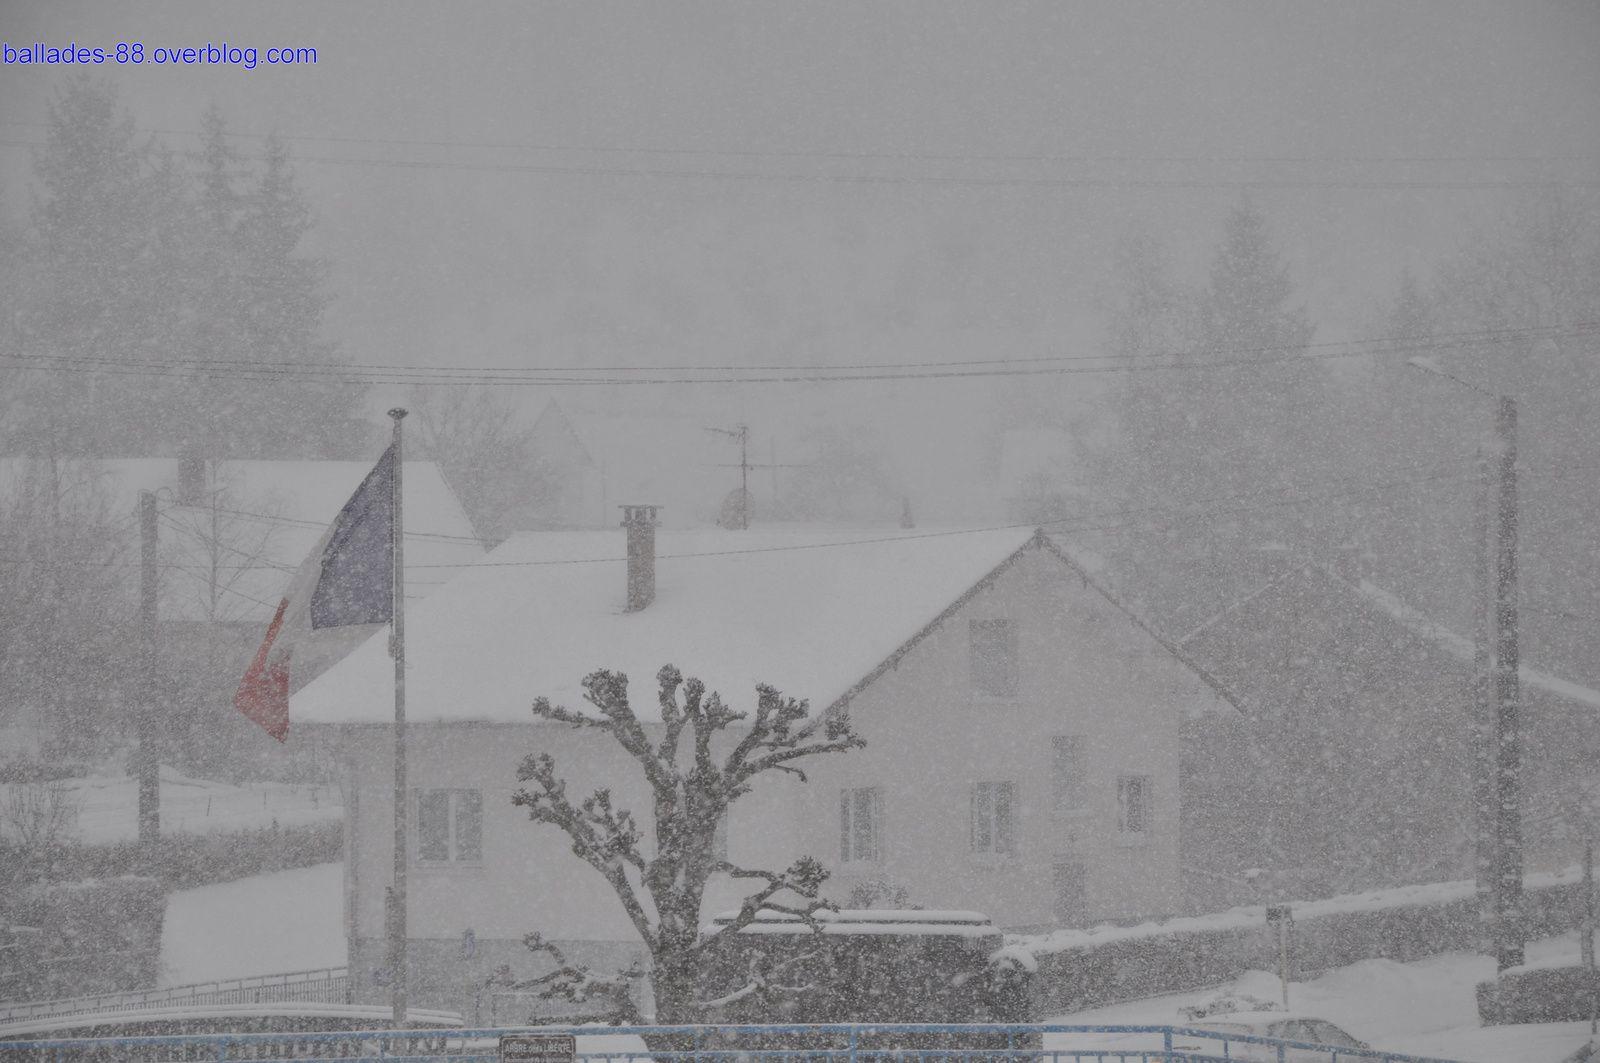 Fresse sur Moselle 30 janvier 2015 matin.